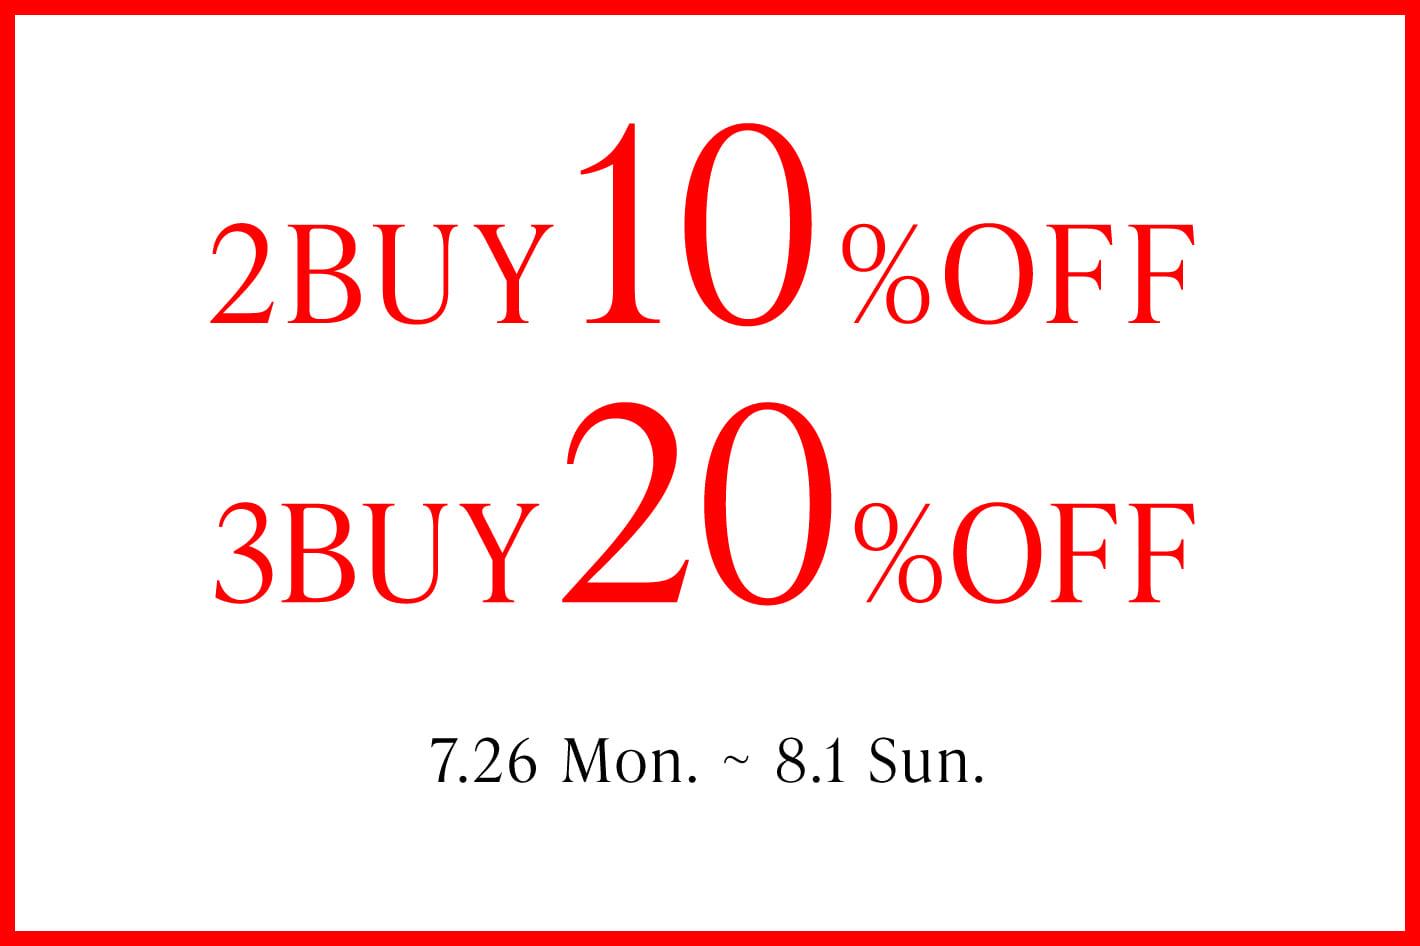 LIVETART 【期間限定】SALEアイテムが2点お買い上げで10%OFF・3点以上お買い上げで20%OFF!